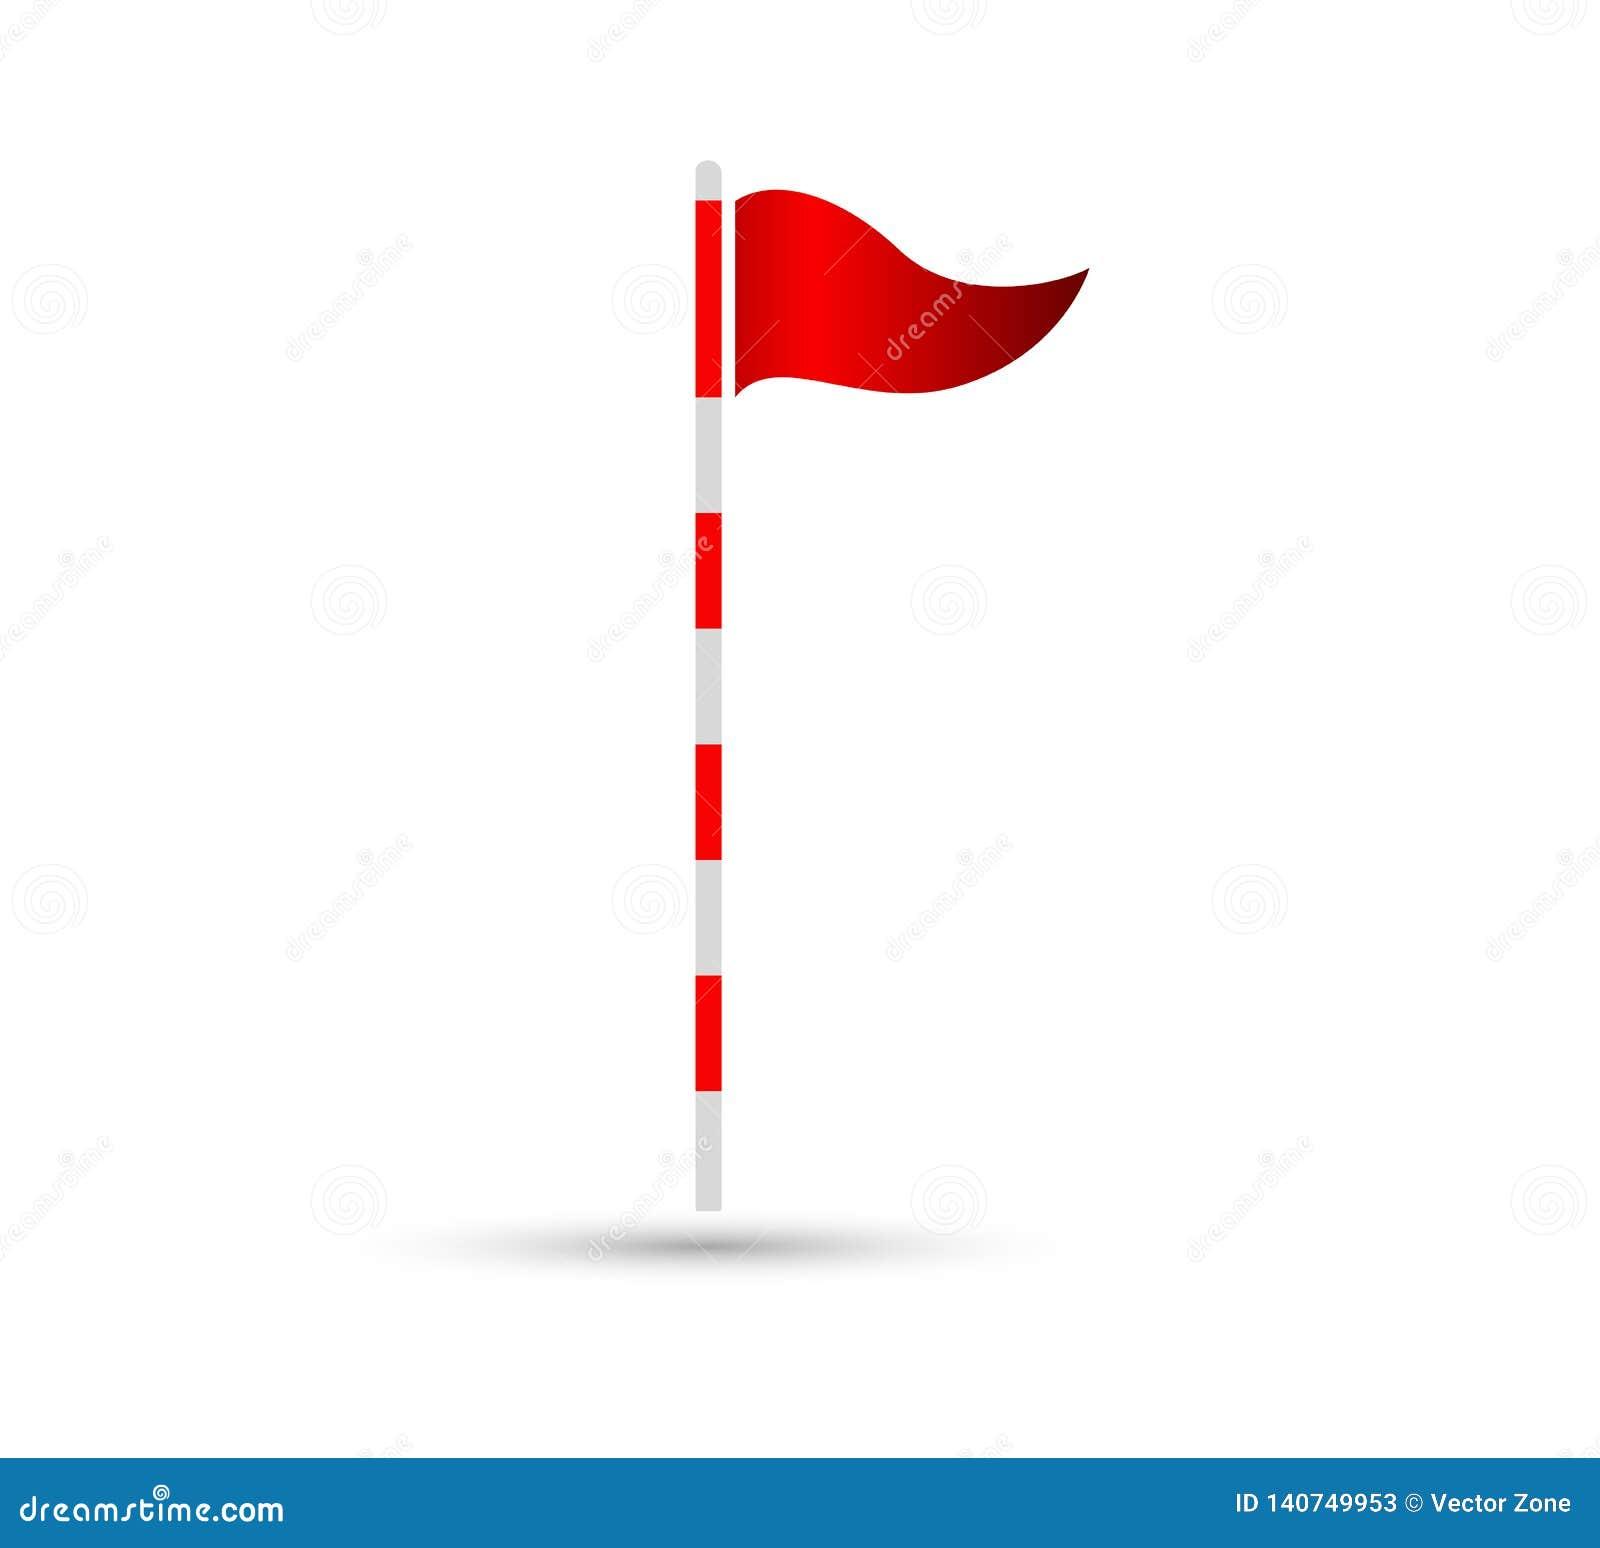 Γκολφ επίπεδο σημάδι εικονιδίων σημαιών το διανυσματικό, μπορεί εύκολα να εκδοθεί